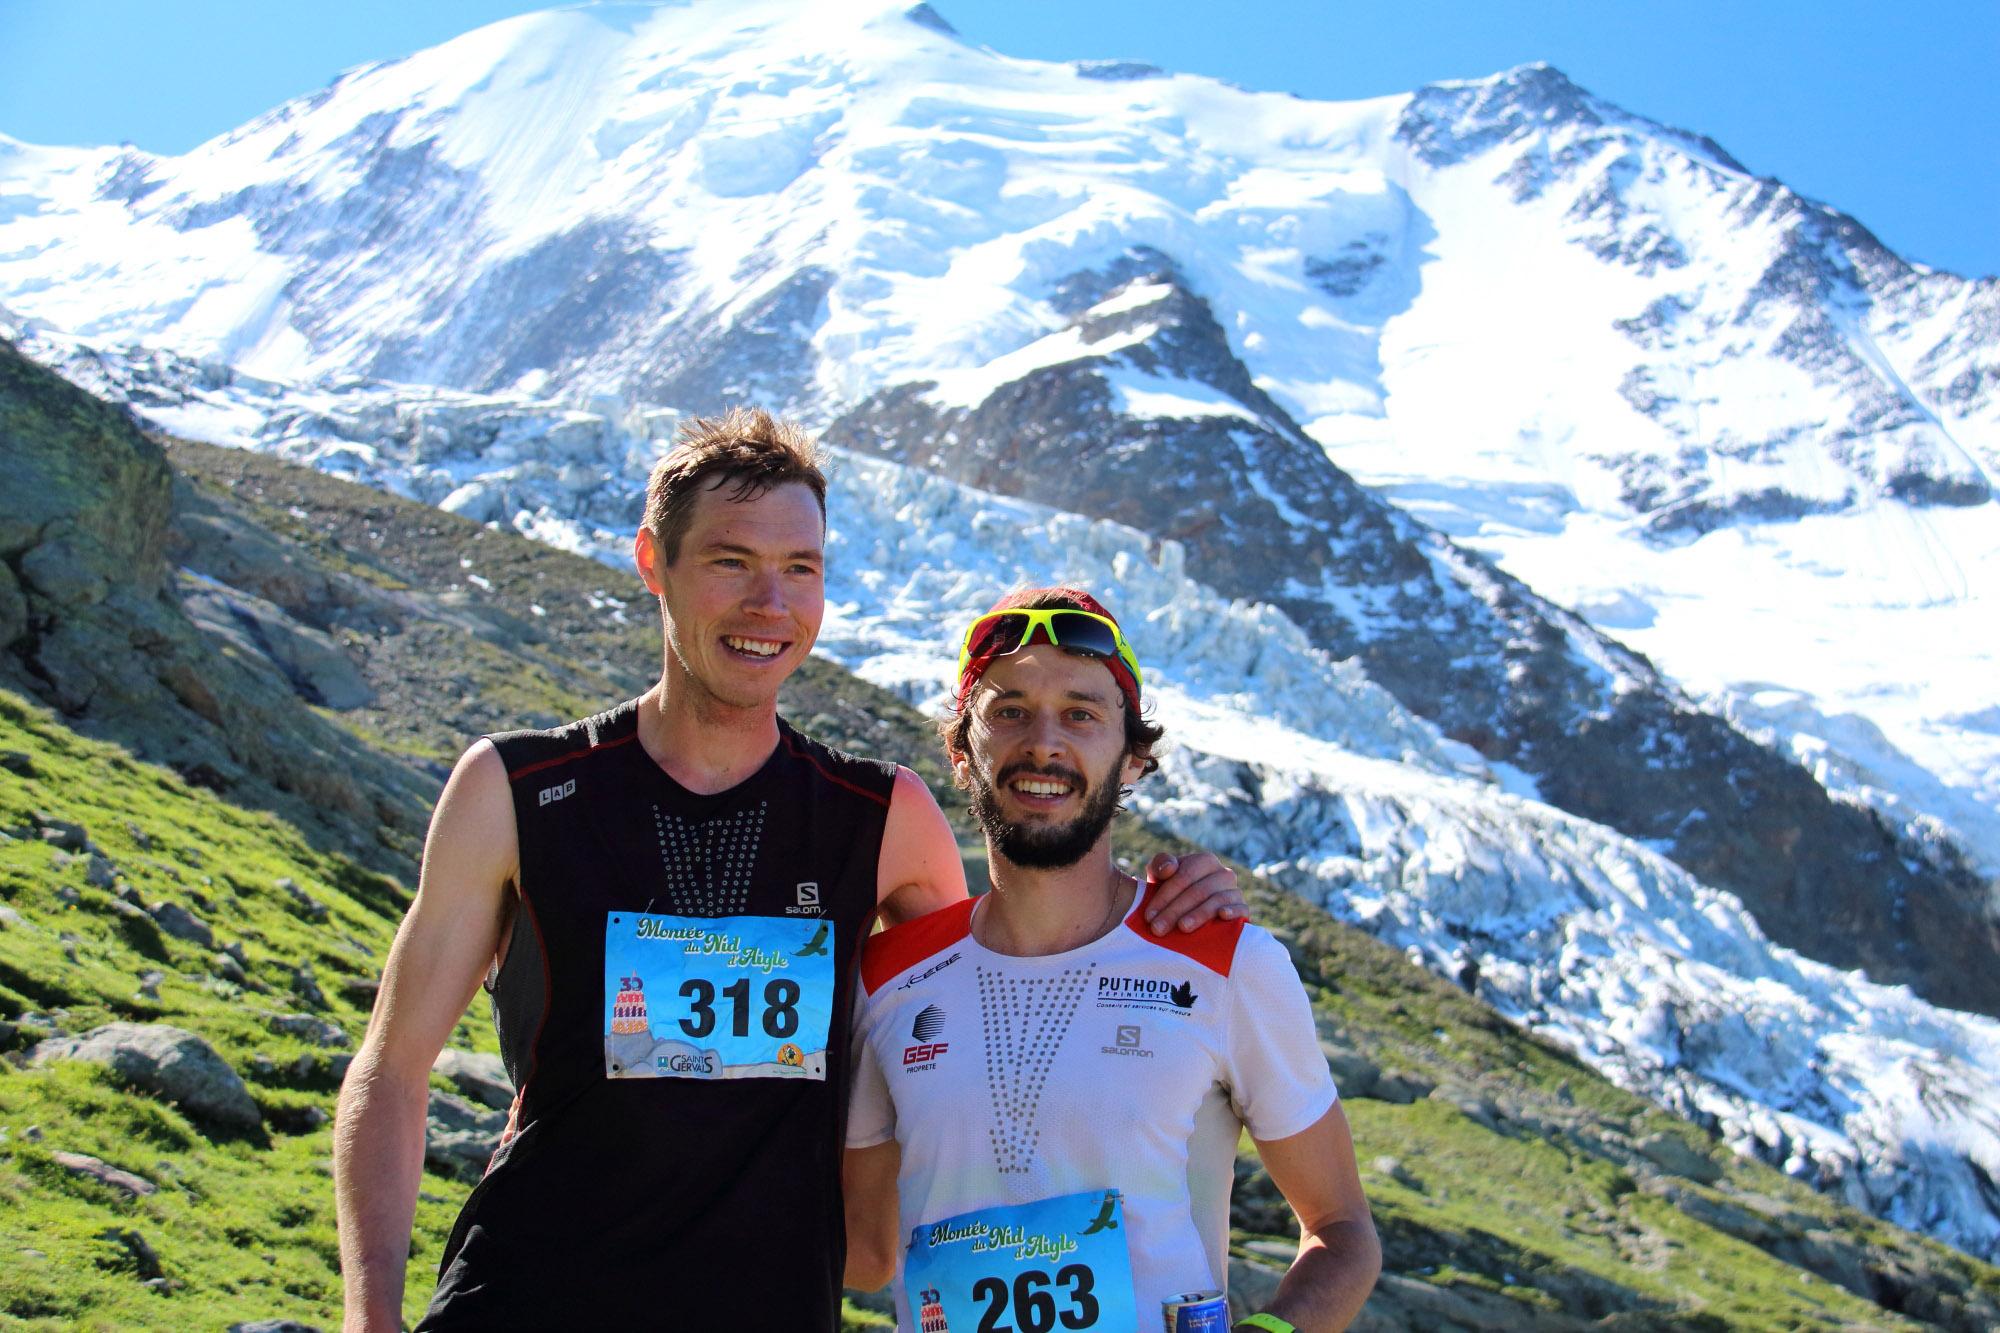 3 Tom Owens et Thibaut Baronian photo  Goran Mojicevic Passion Trail